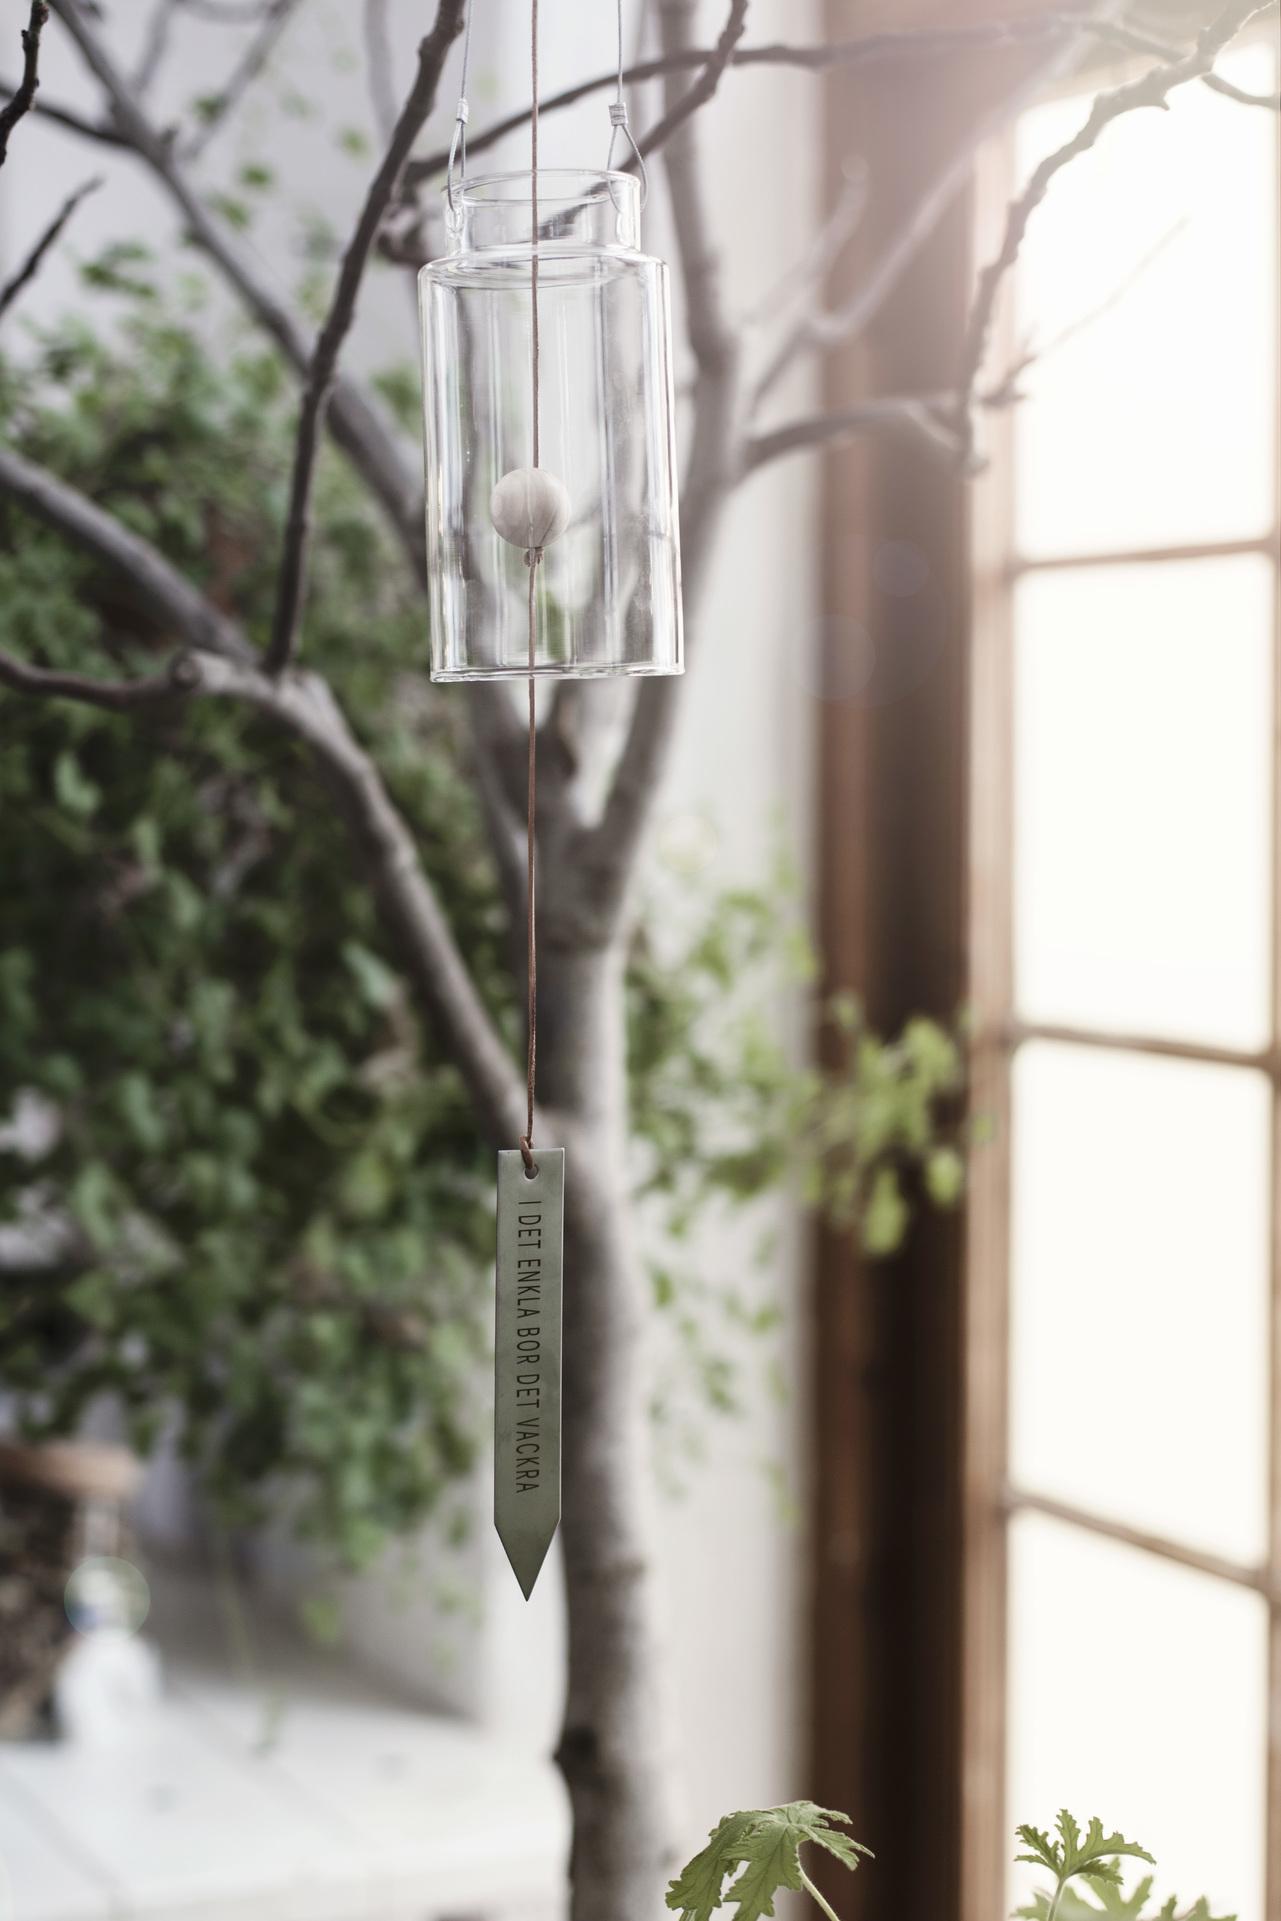 Vindspel (glas) - Ernst Kirchsteiger • Pryloteket